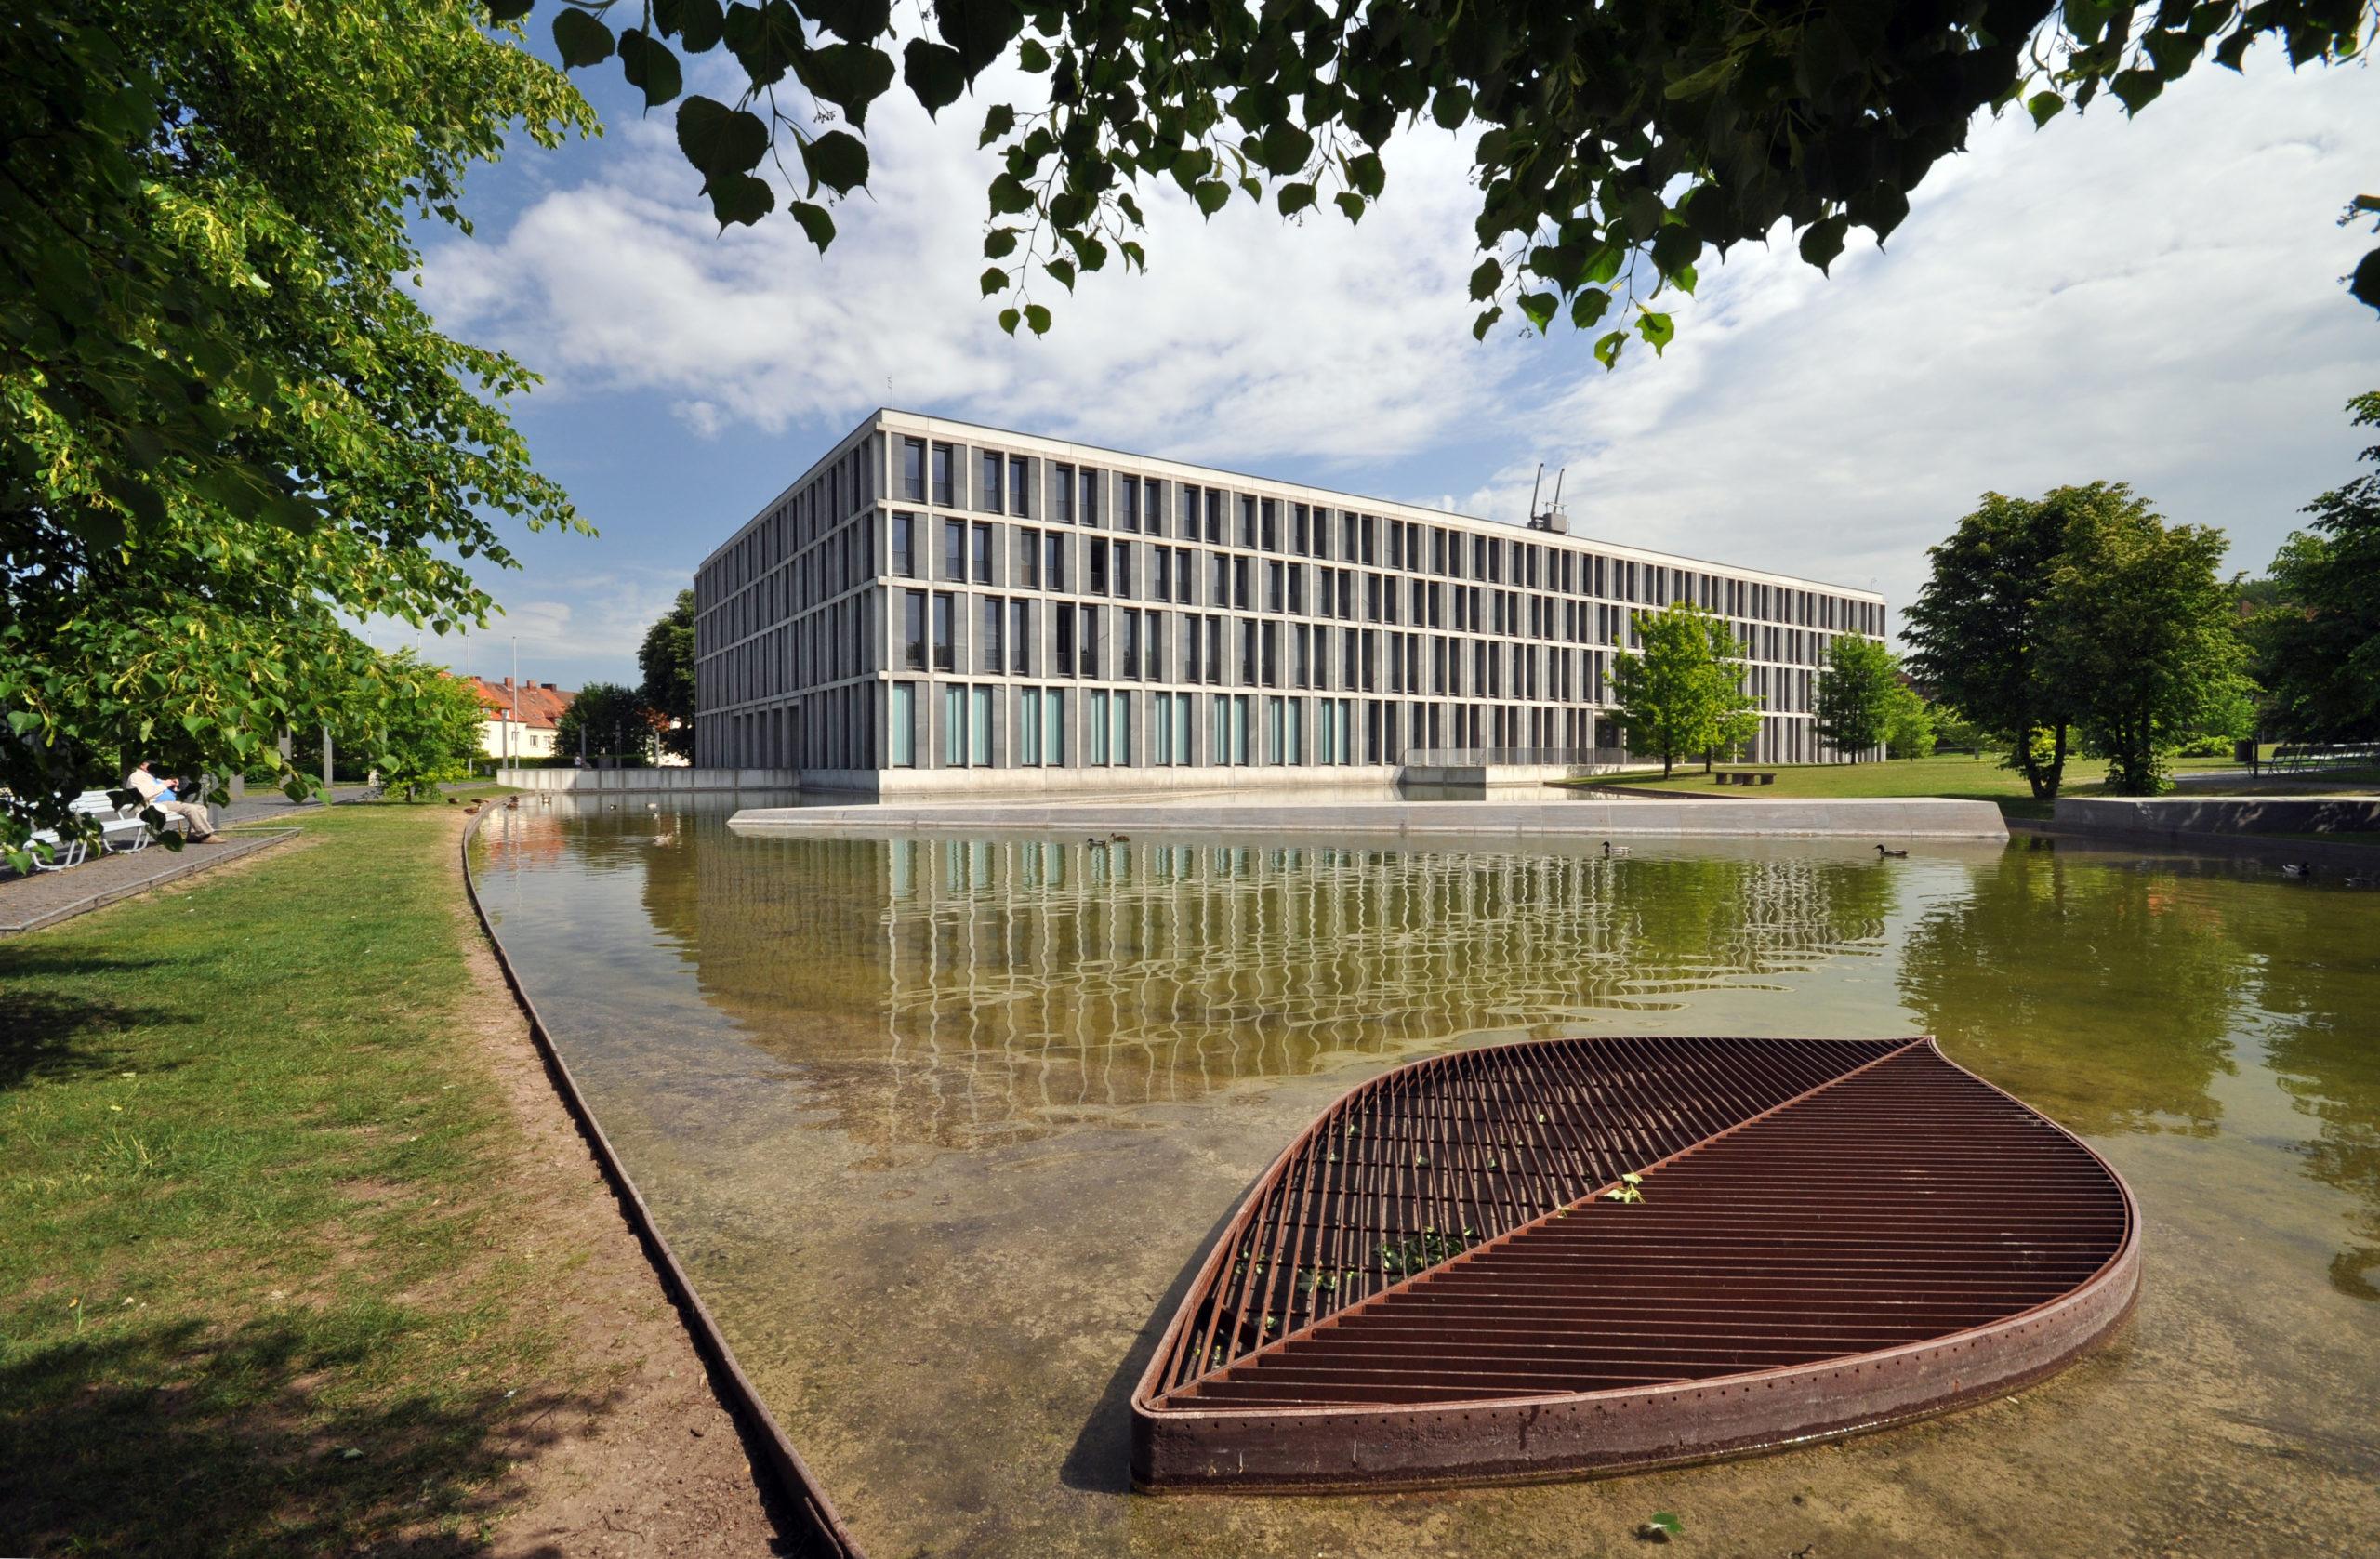 2011-05-19-bundesarbeitsgericht-by-RalfR-43